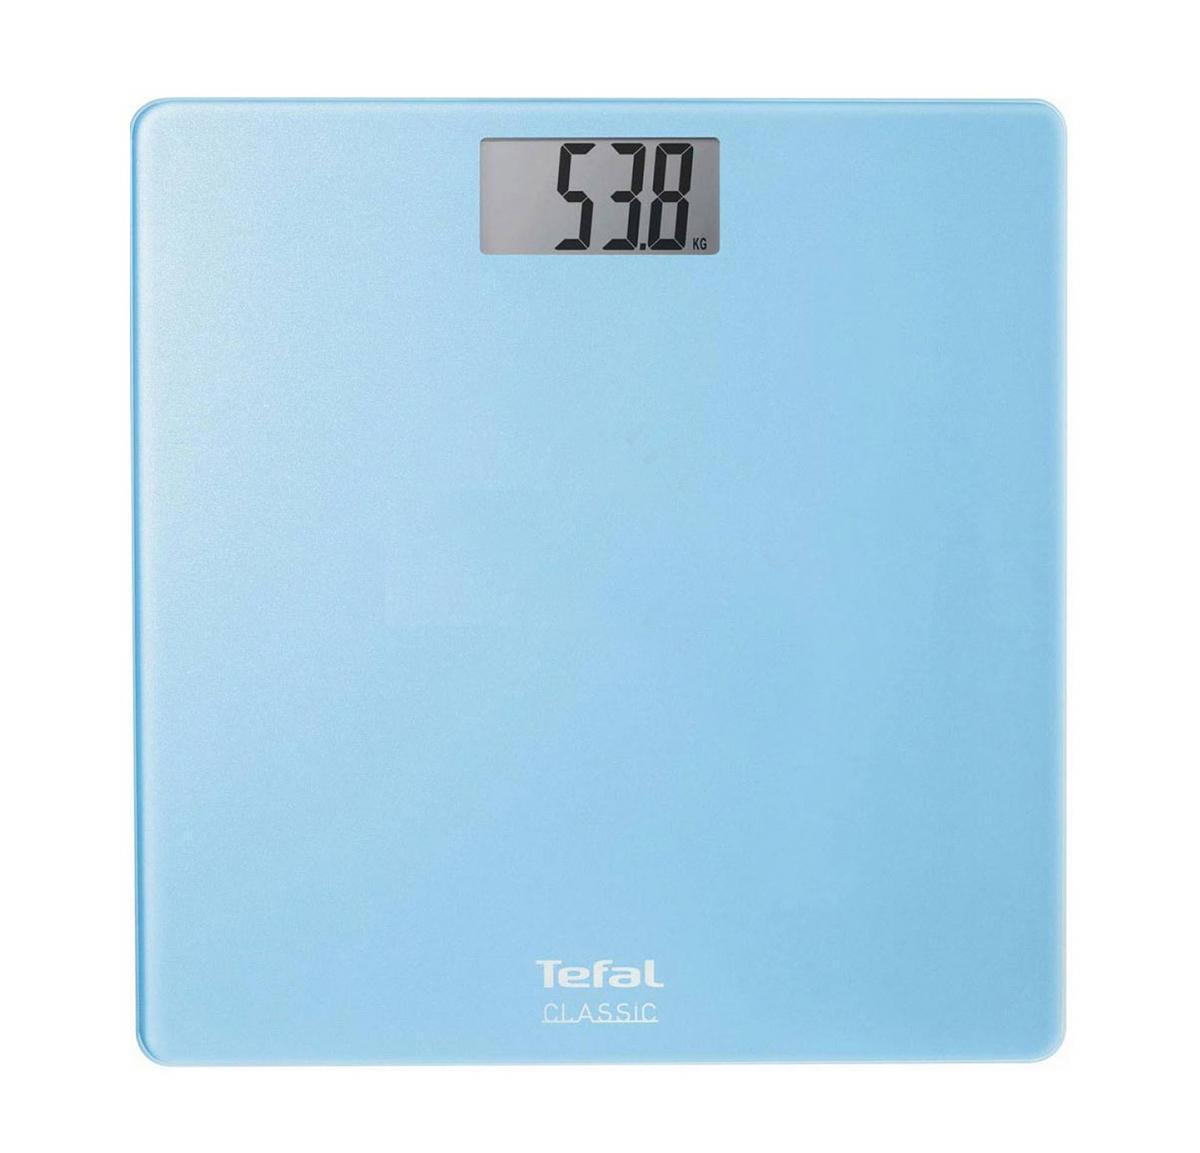 Tefal PP1101 Весы Classic голубые